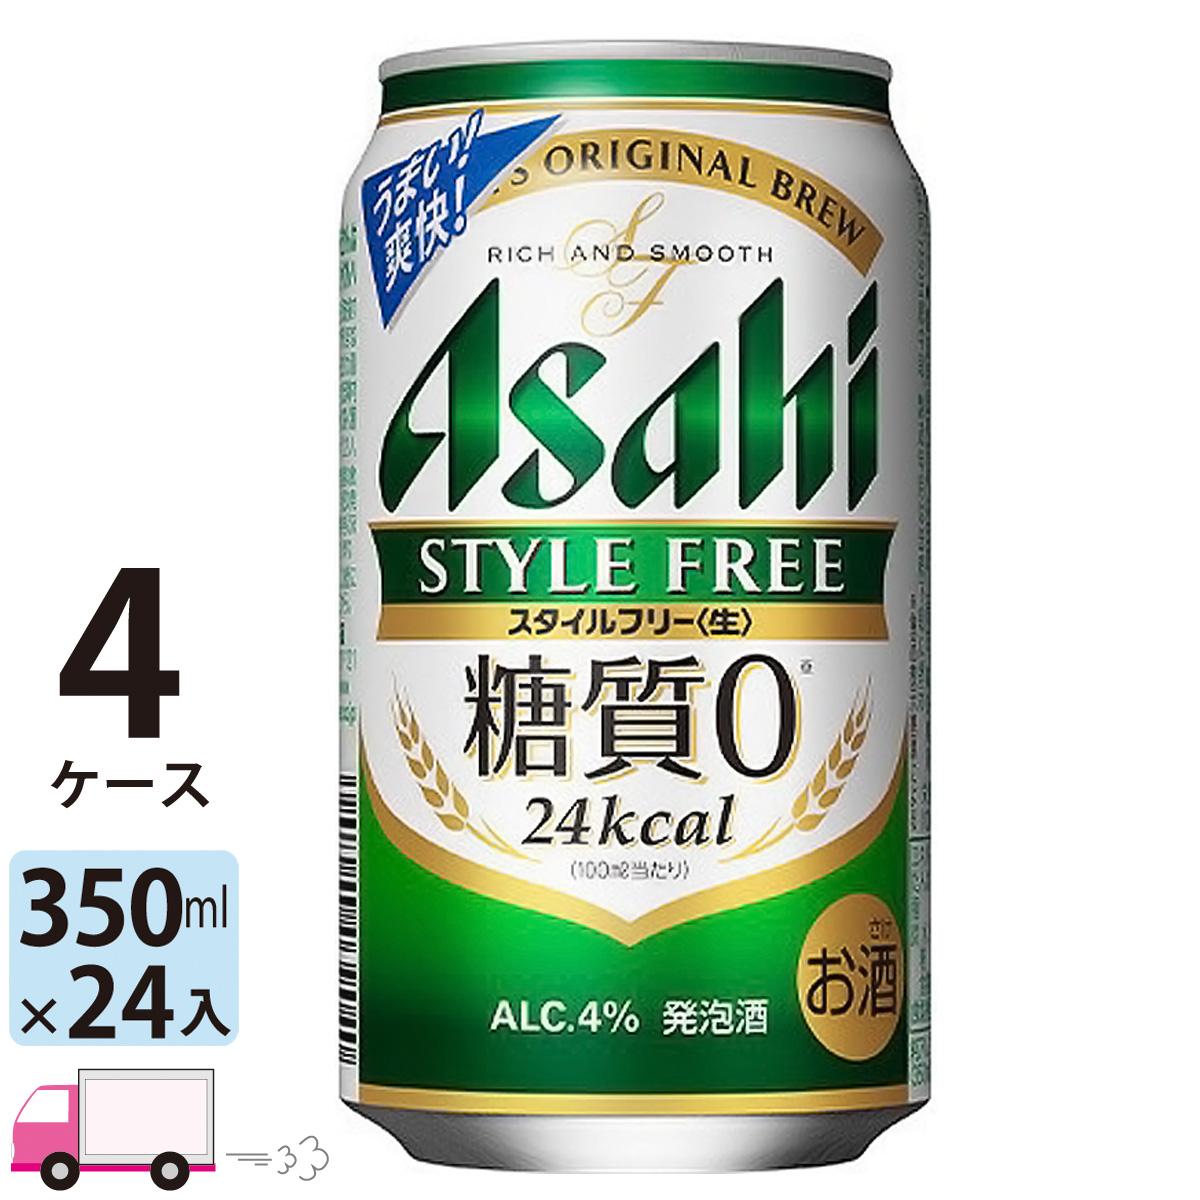 「糖質0」の発泡酒。すっきり爽快な飲みやすさとしっかりした麦の味わいが特長。<生>製法で本格的な飲みごたえ。糖質の気になる方にも嬉しい商品です。 送料無料 アサヒ ビール スタイルフリー 350ml ×24缶入 4ケース (96本)